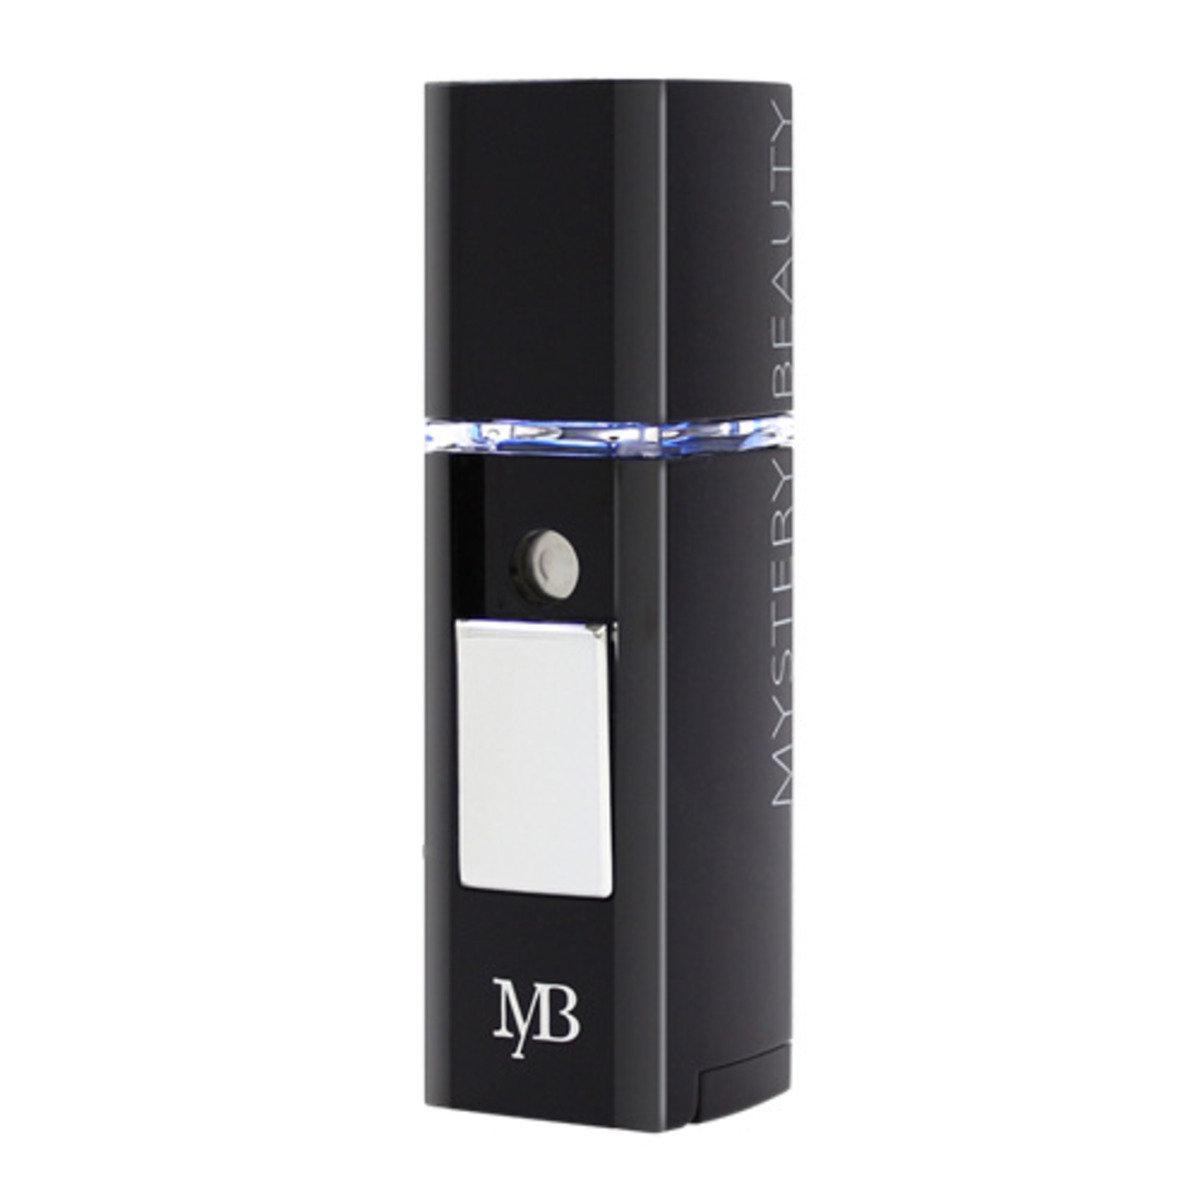 納米霧化美顏儀(電池款)NS-300